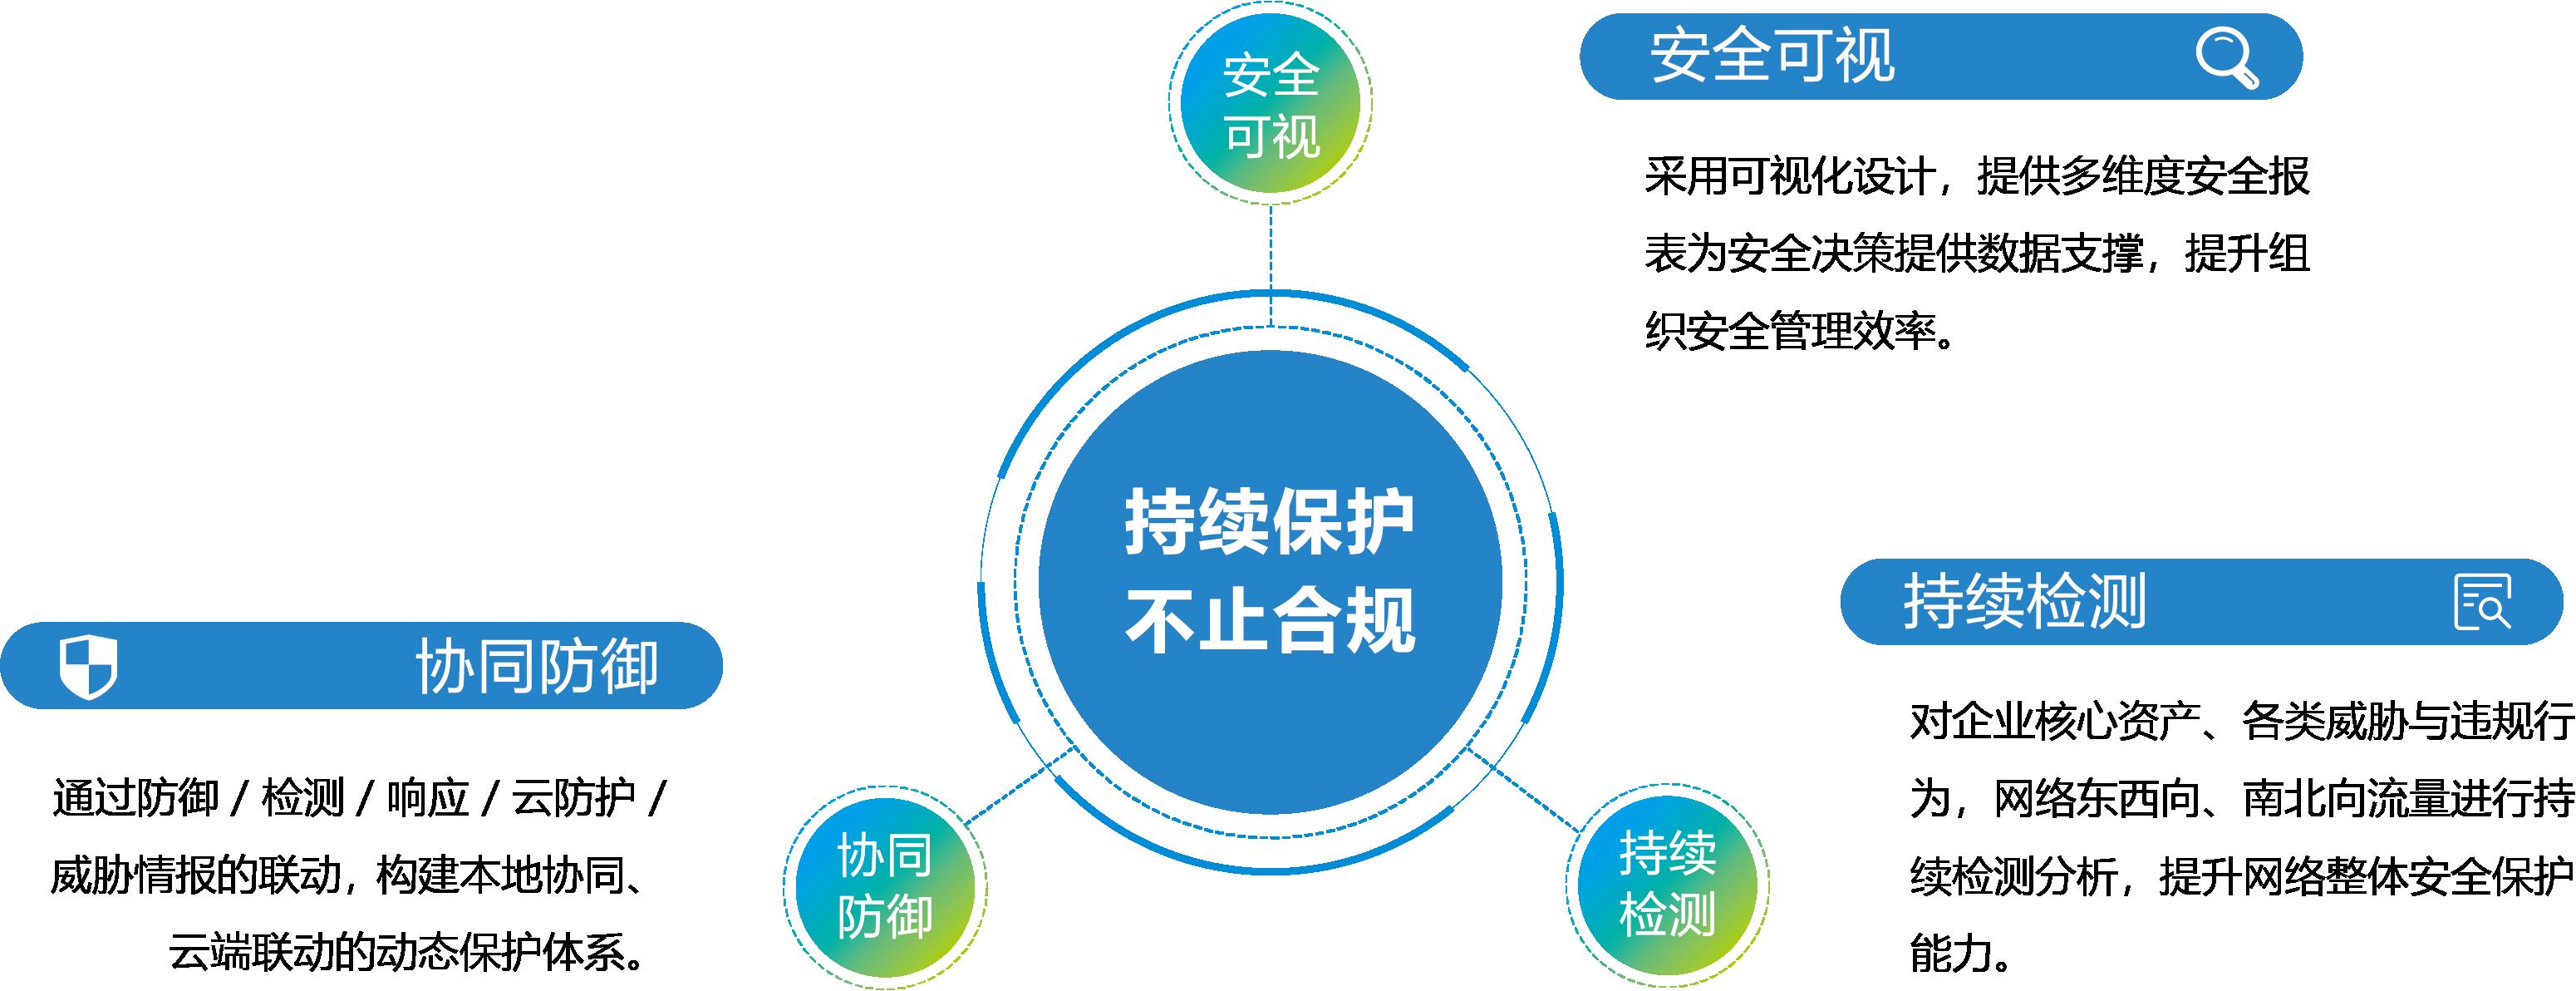 广东网络安全等级保护